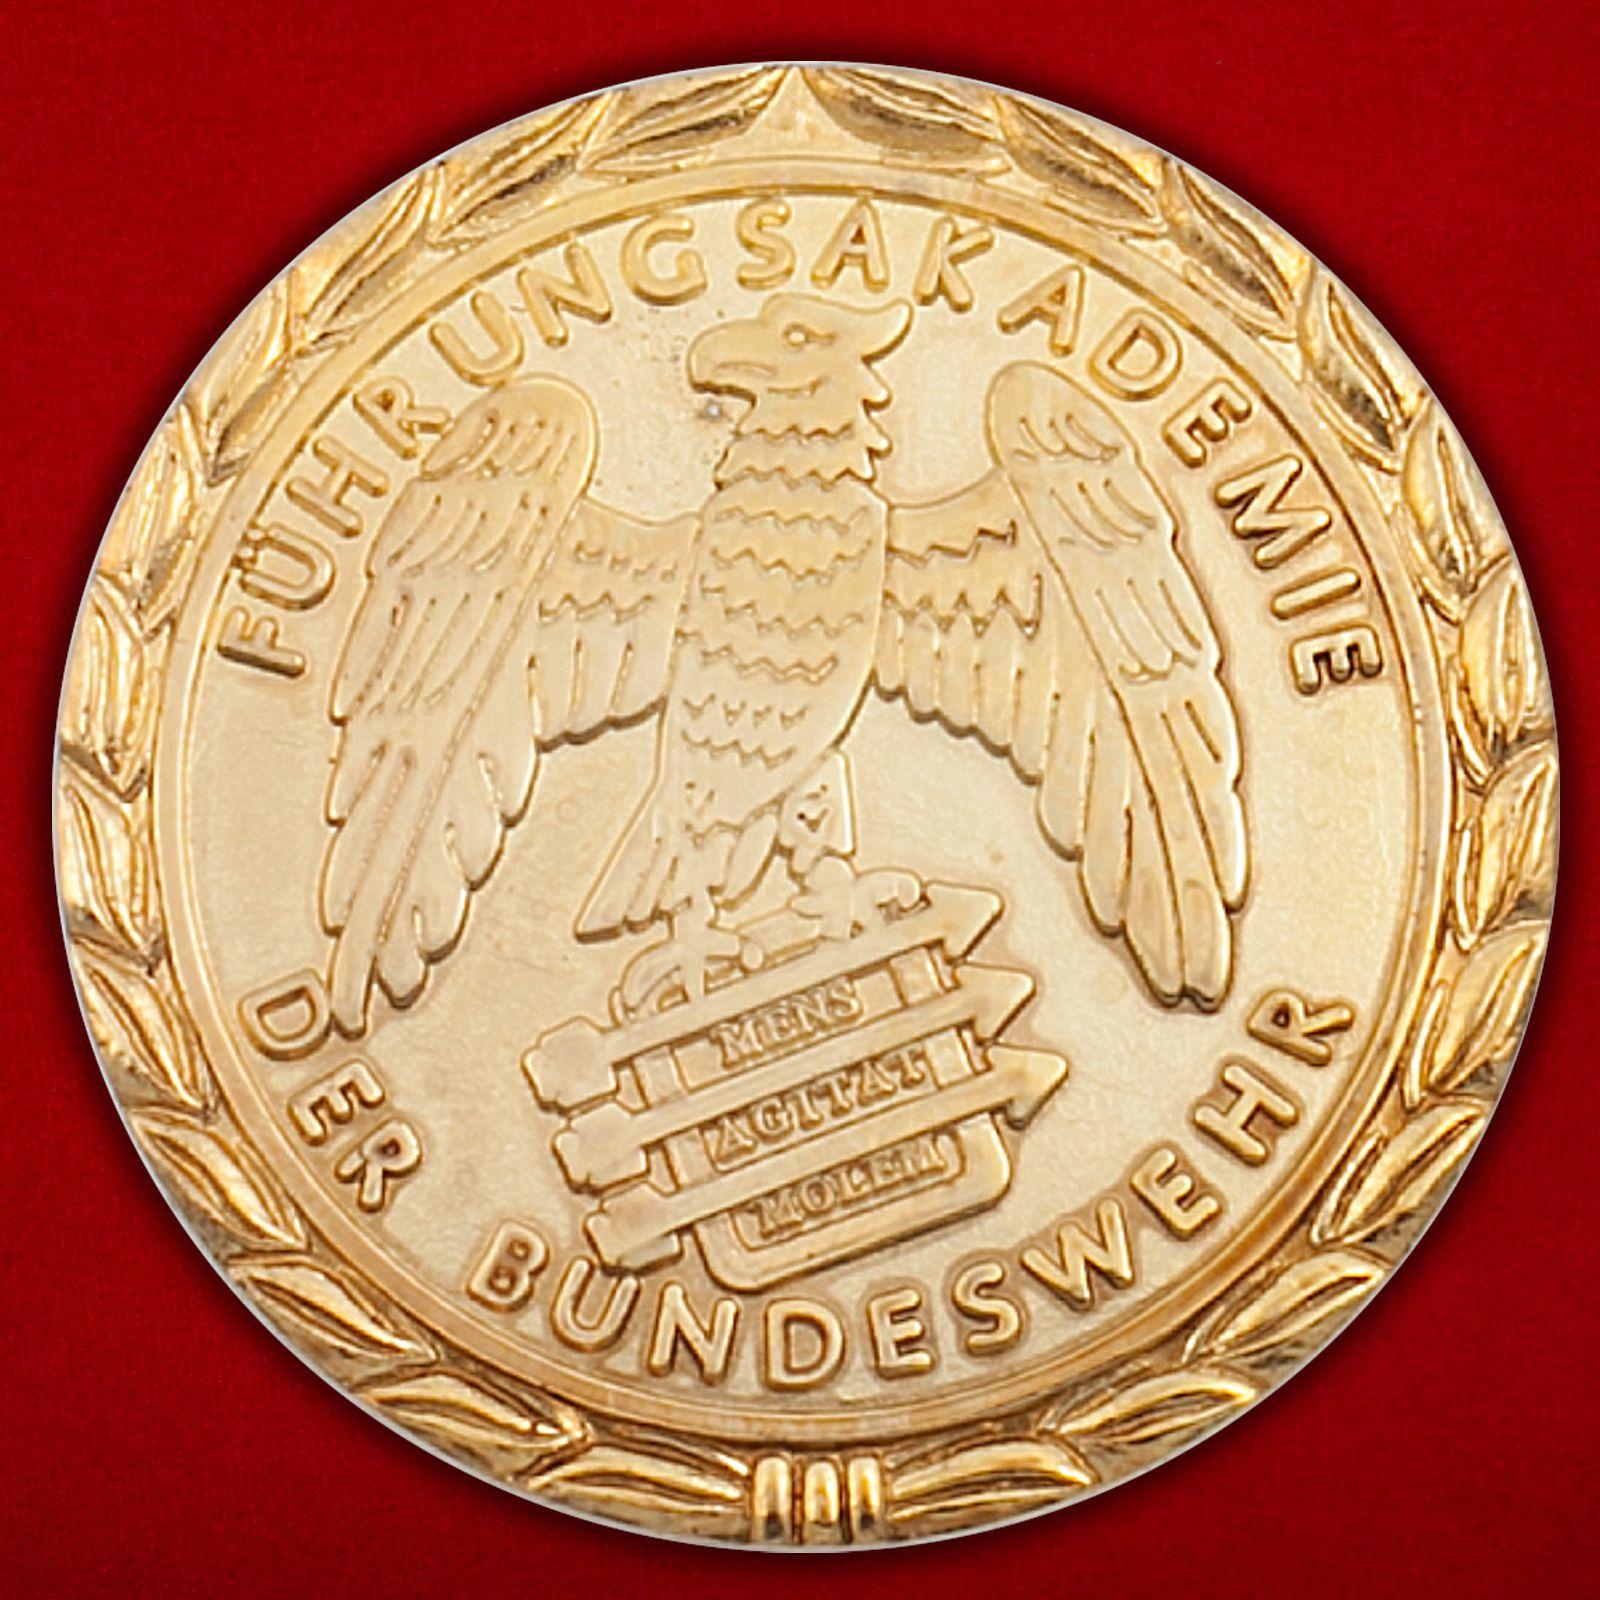 Челлендж коин факультета Управления ВВС Центра подготовки командного состава Бундесвера